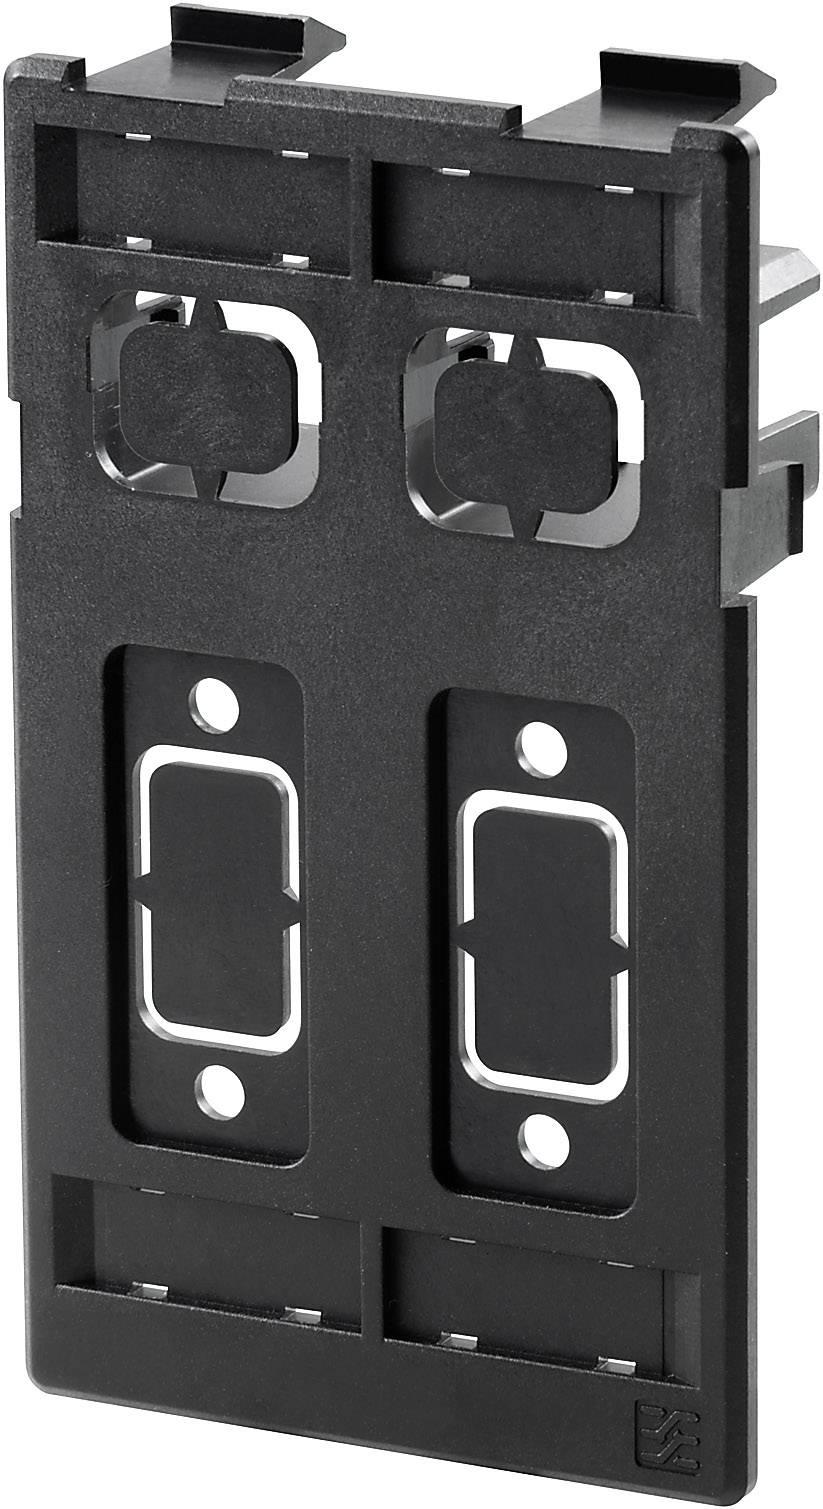 FrontCom® Vario použití deska, stíněný, 2x, 2x signální IE-FC-SP-2ST/2D9 Weidmüller Množství: 1 ks